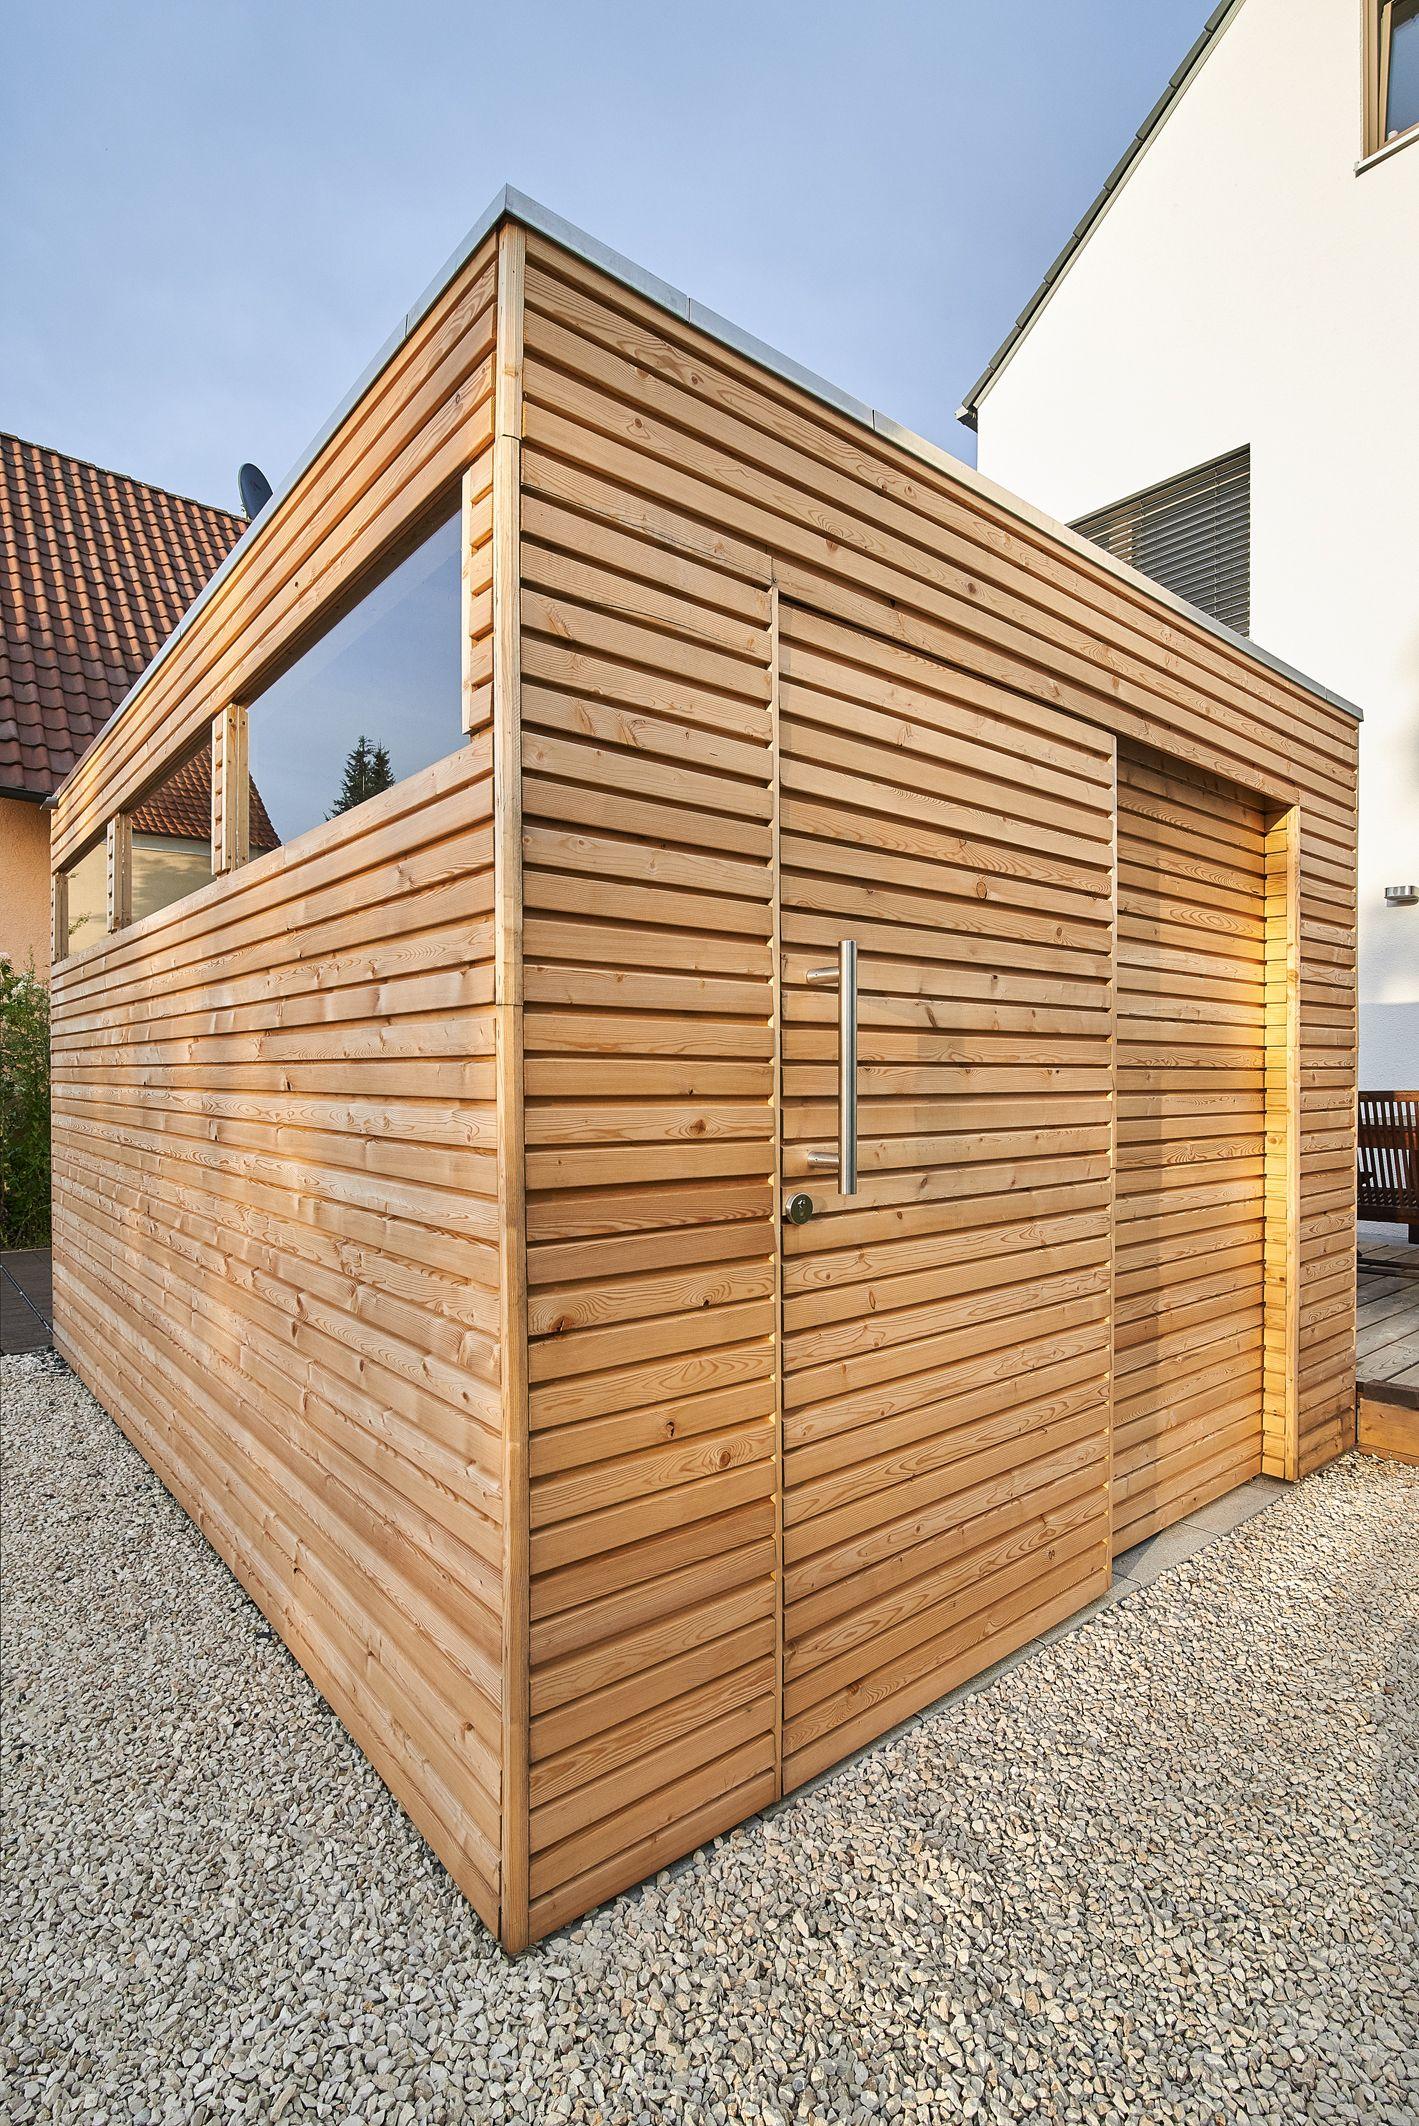 Design Gartenhaus mit Lärchenholz, Glasausschnitten und